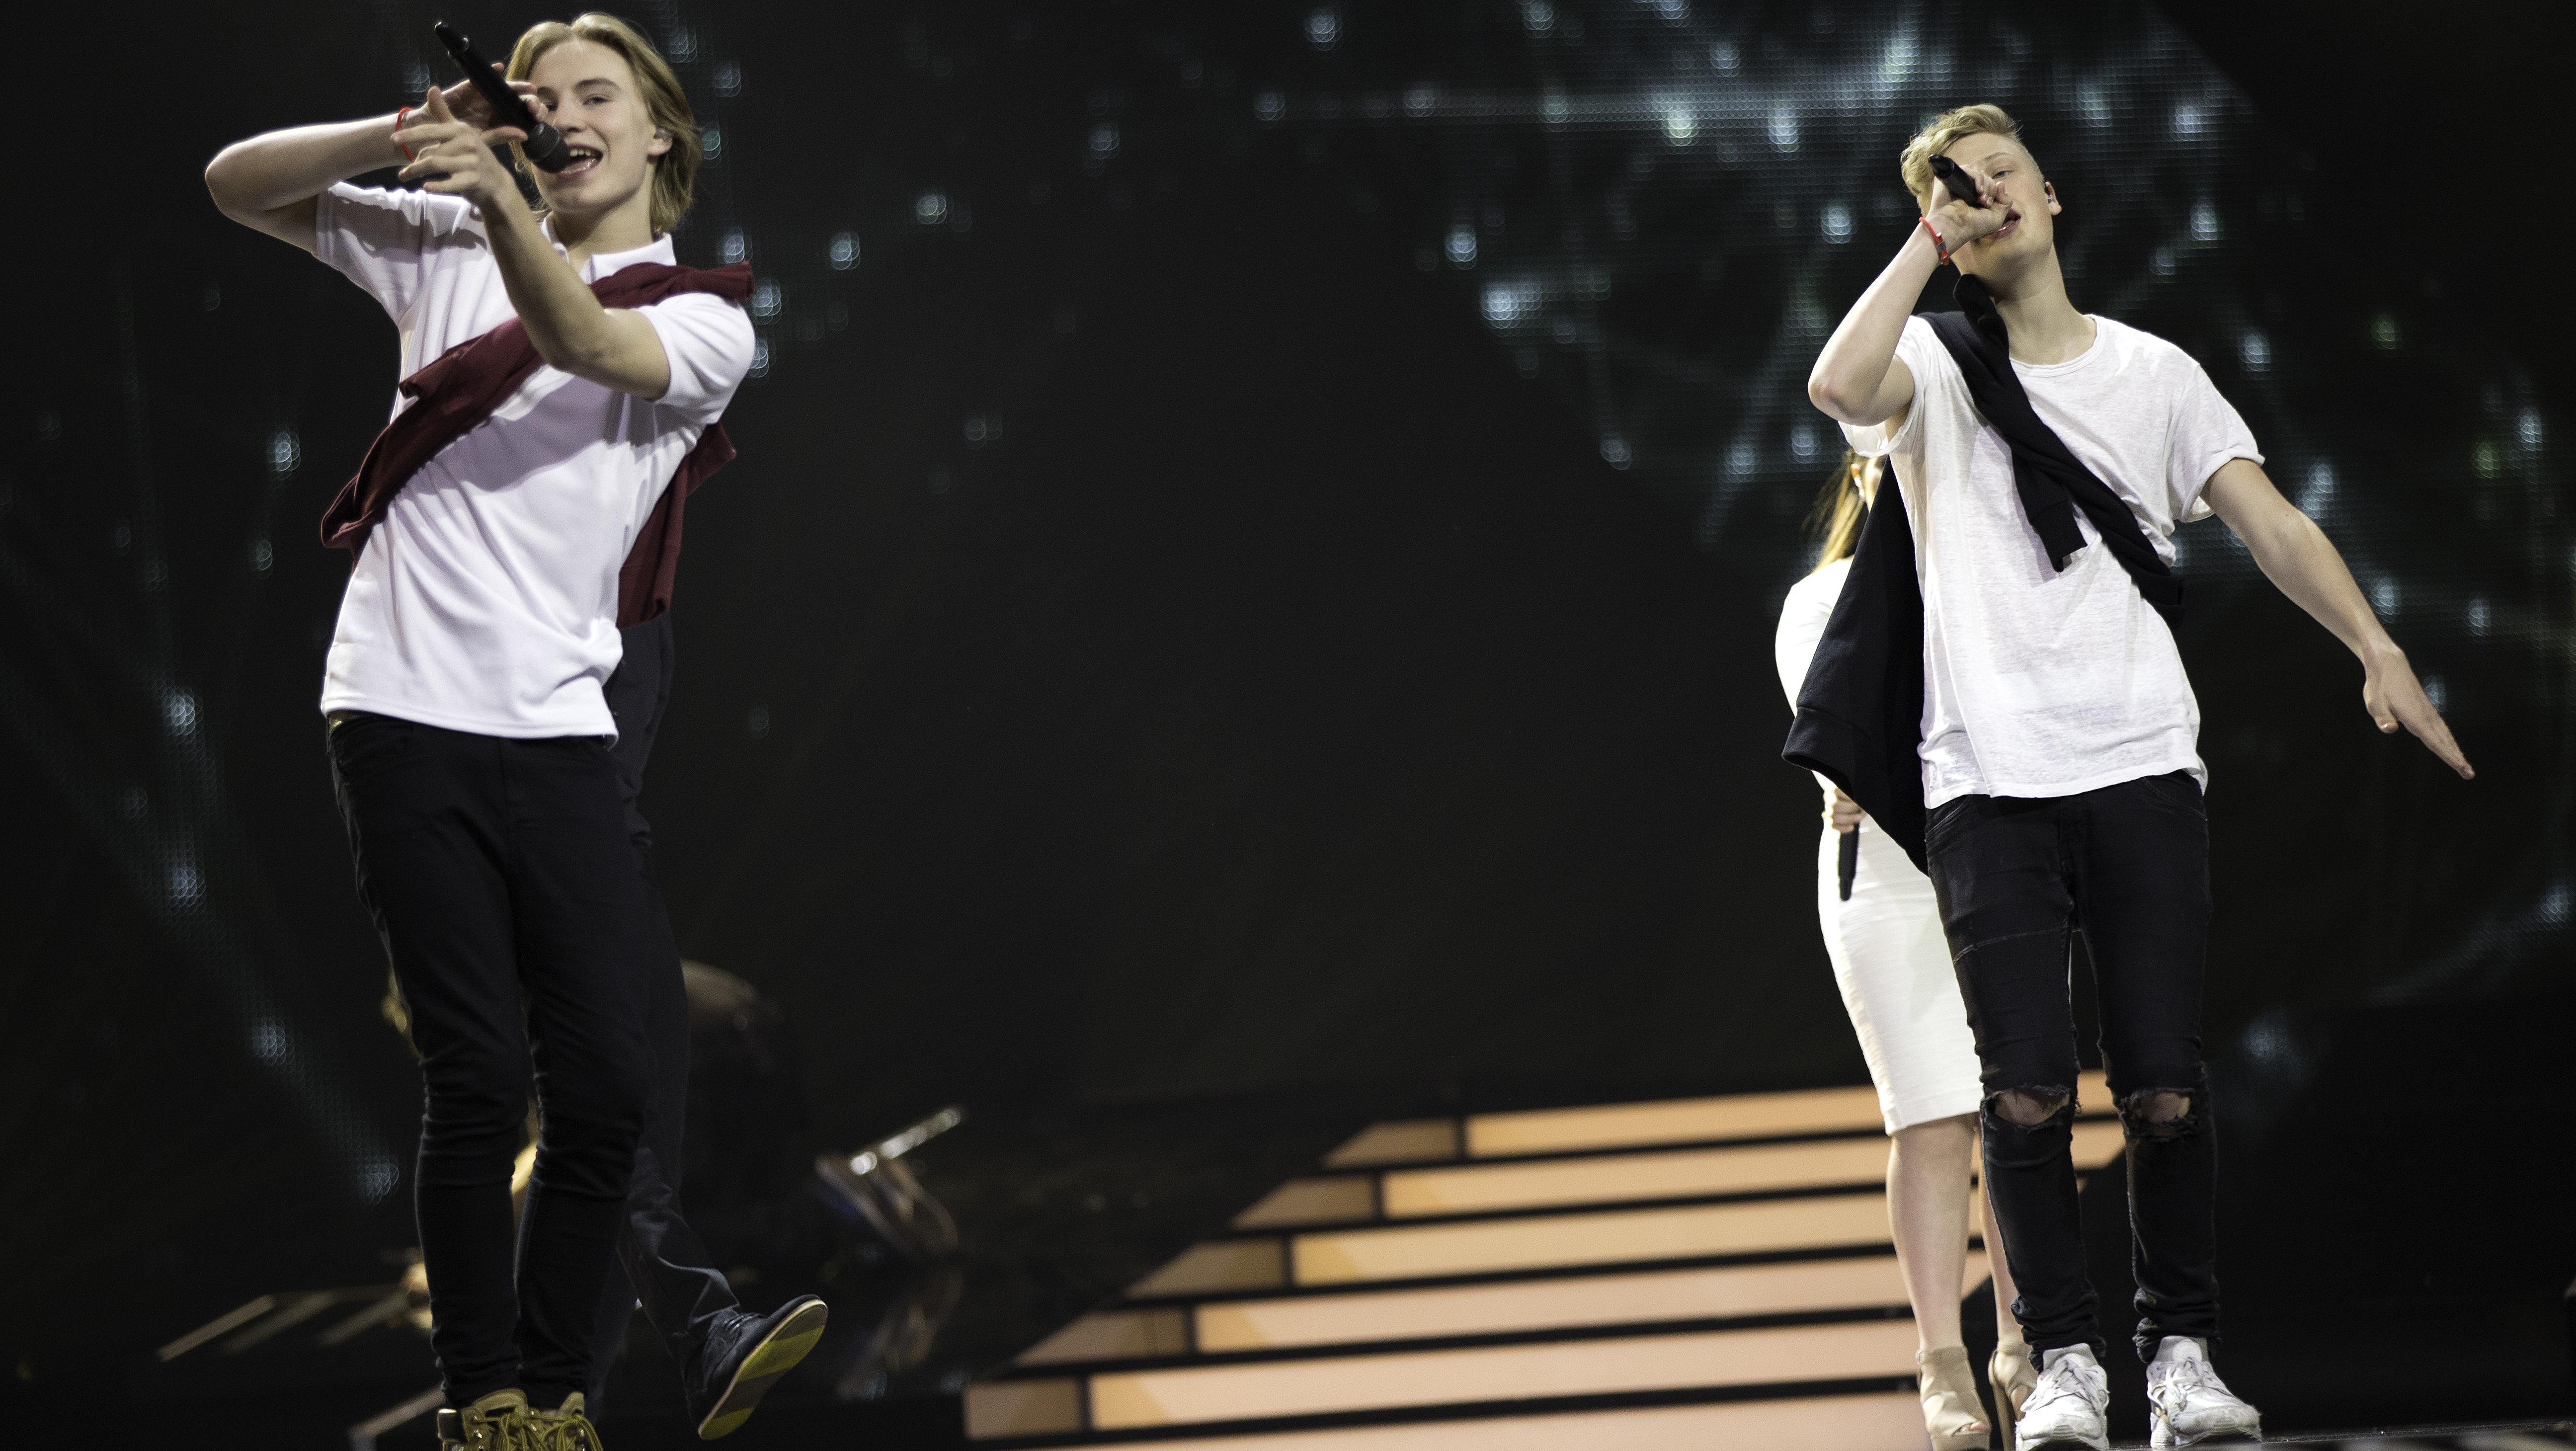 Citybois X Factor 2015